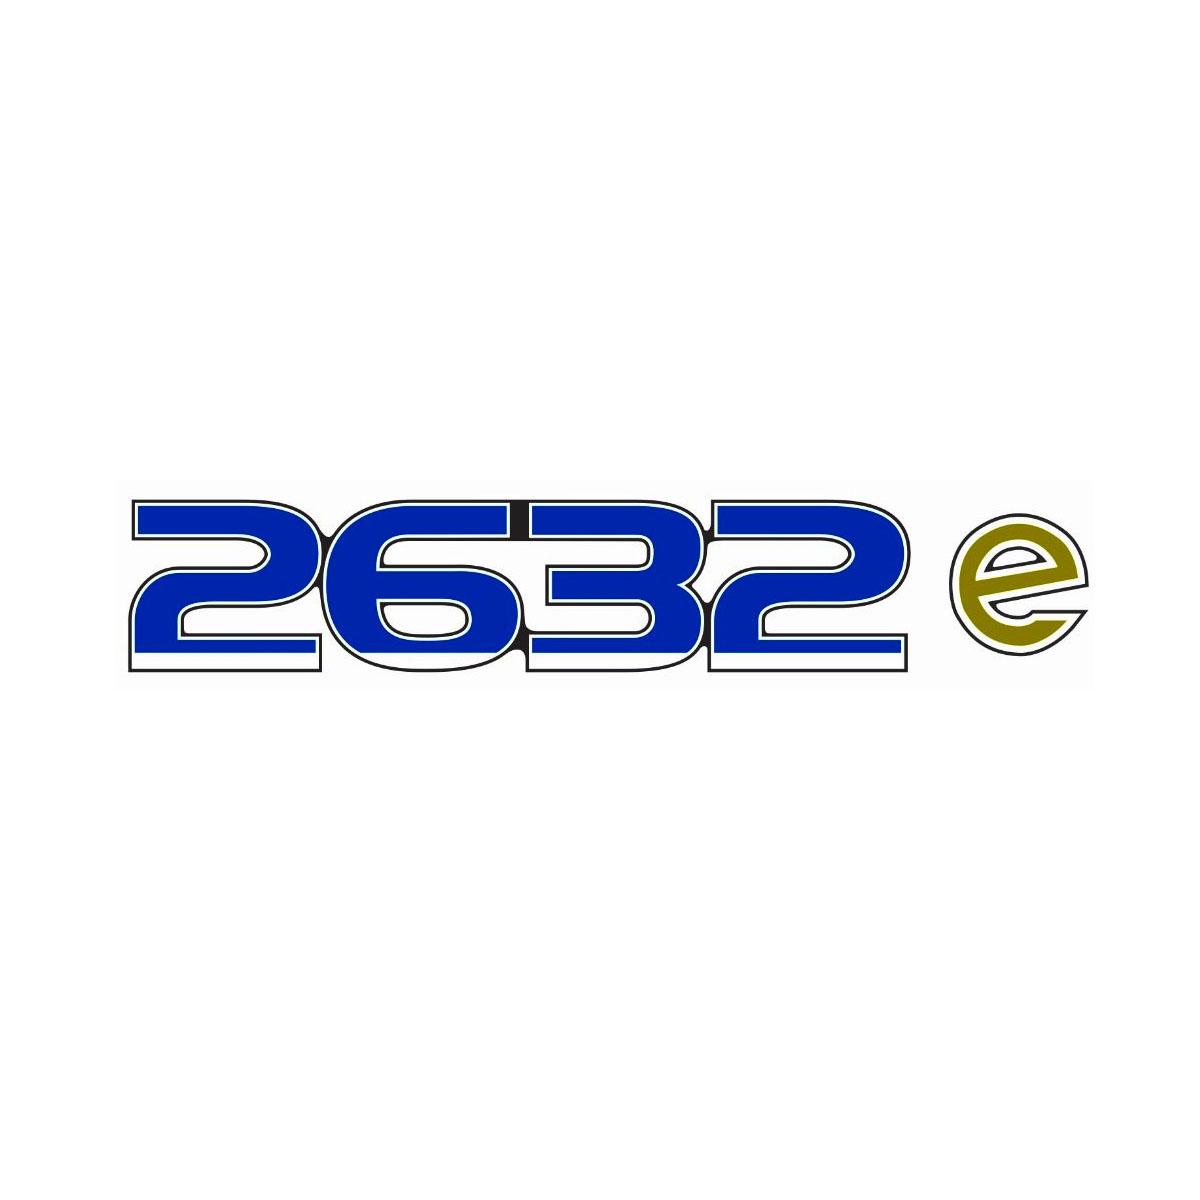 Emblema Ford Cargo 2632E